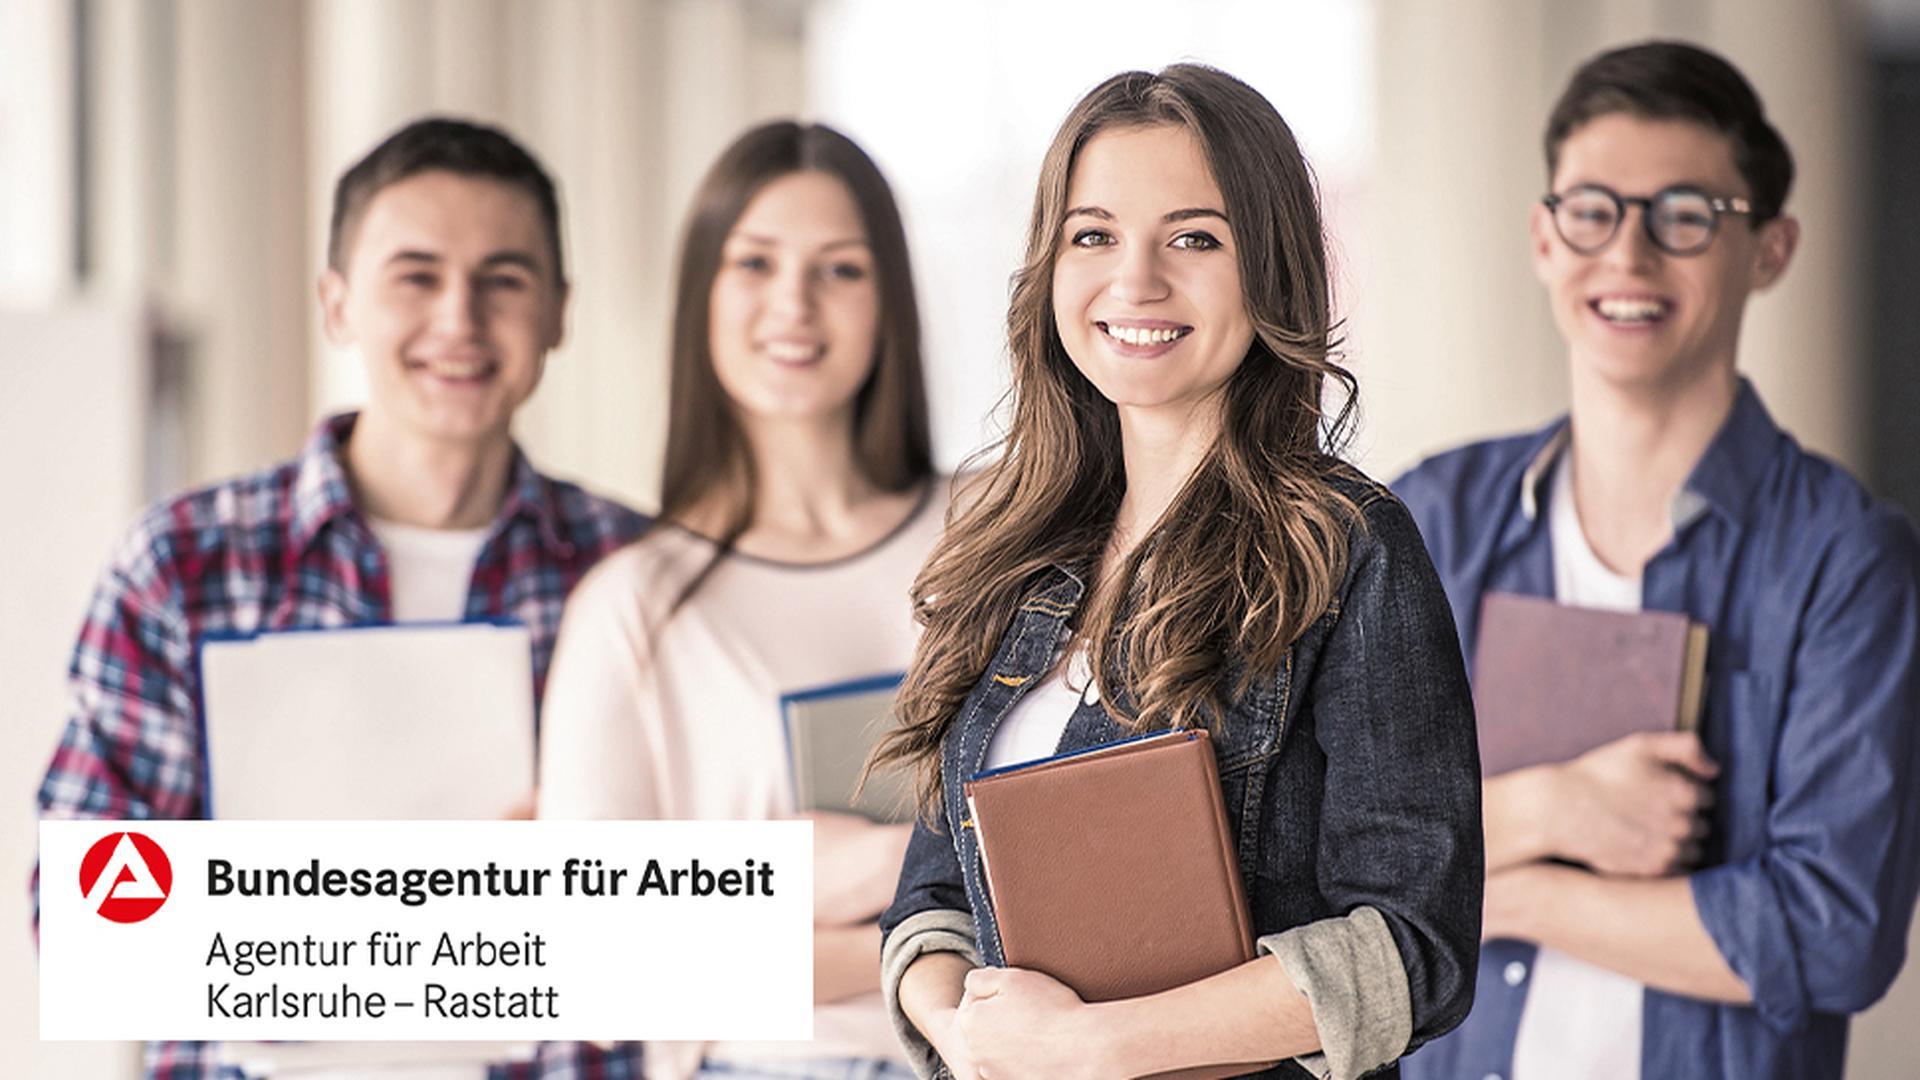 Ausbildung oder Studium bei der Bundesagentur für Arbeit Karlsruhe-Rastatt